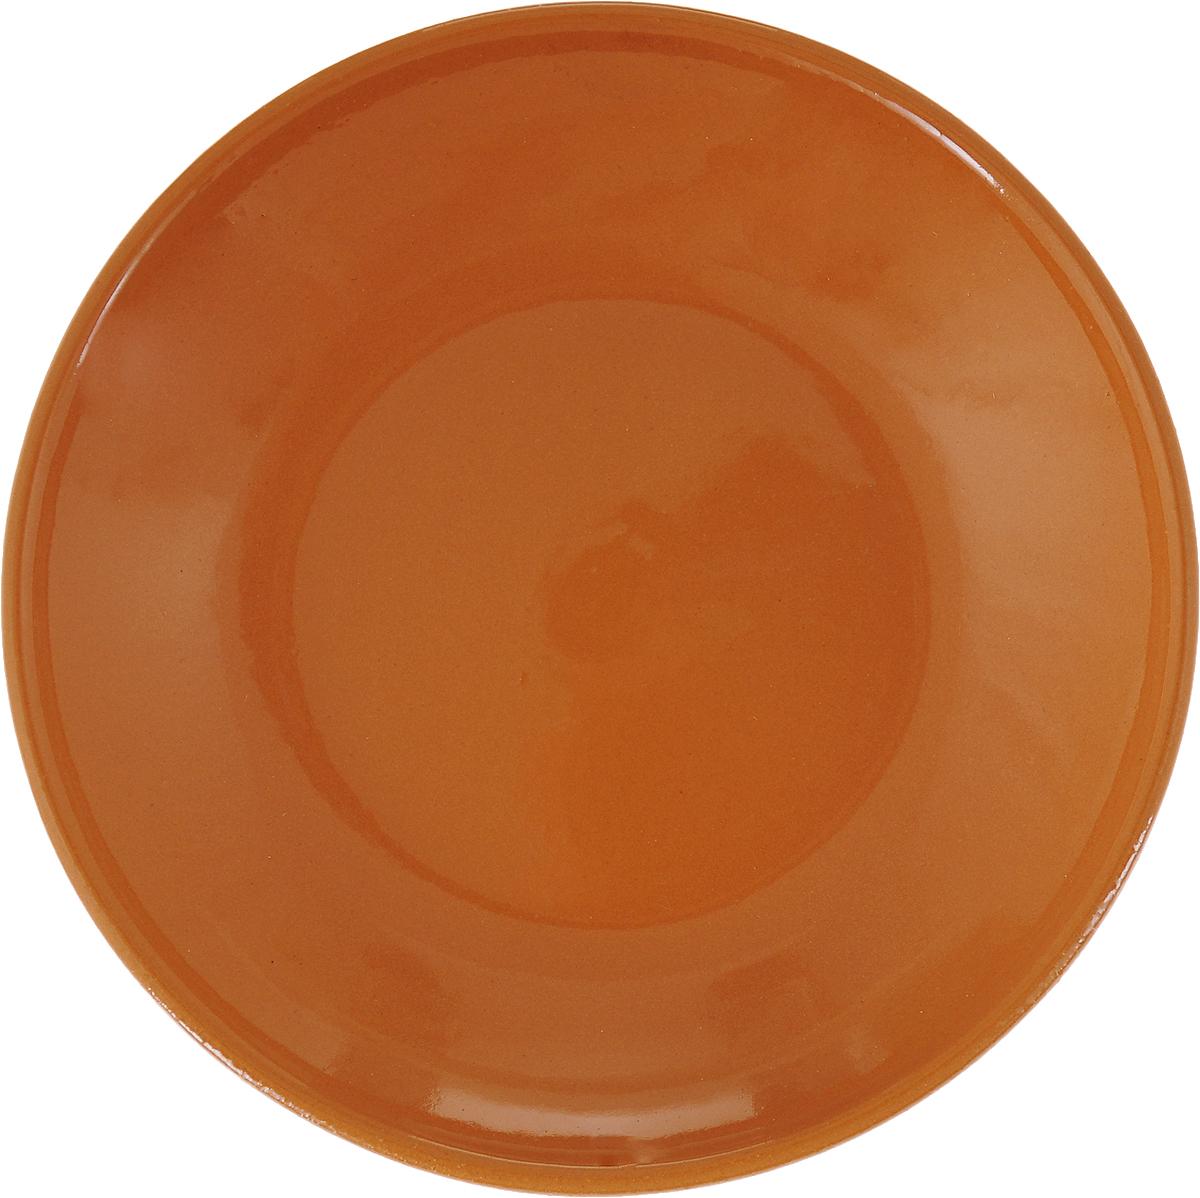 Фото - Блюдце Борисовская керамика Радуга, цвет: сиена, диаметр 10 см блюдце борисовская керамика радуга цвет темно серый диаметр 10 см